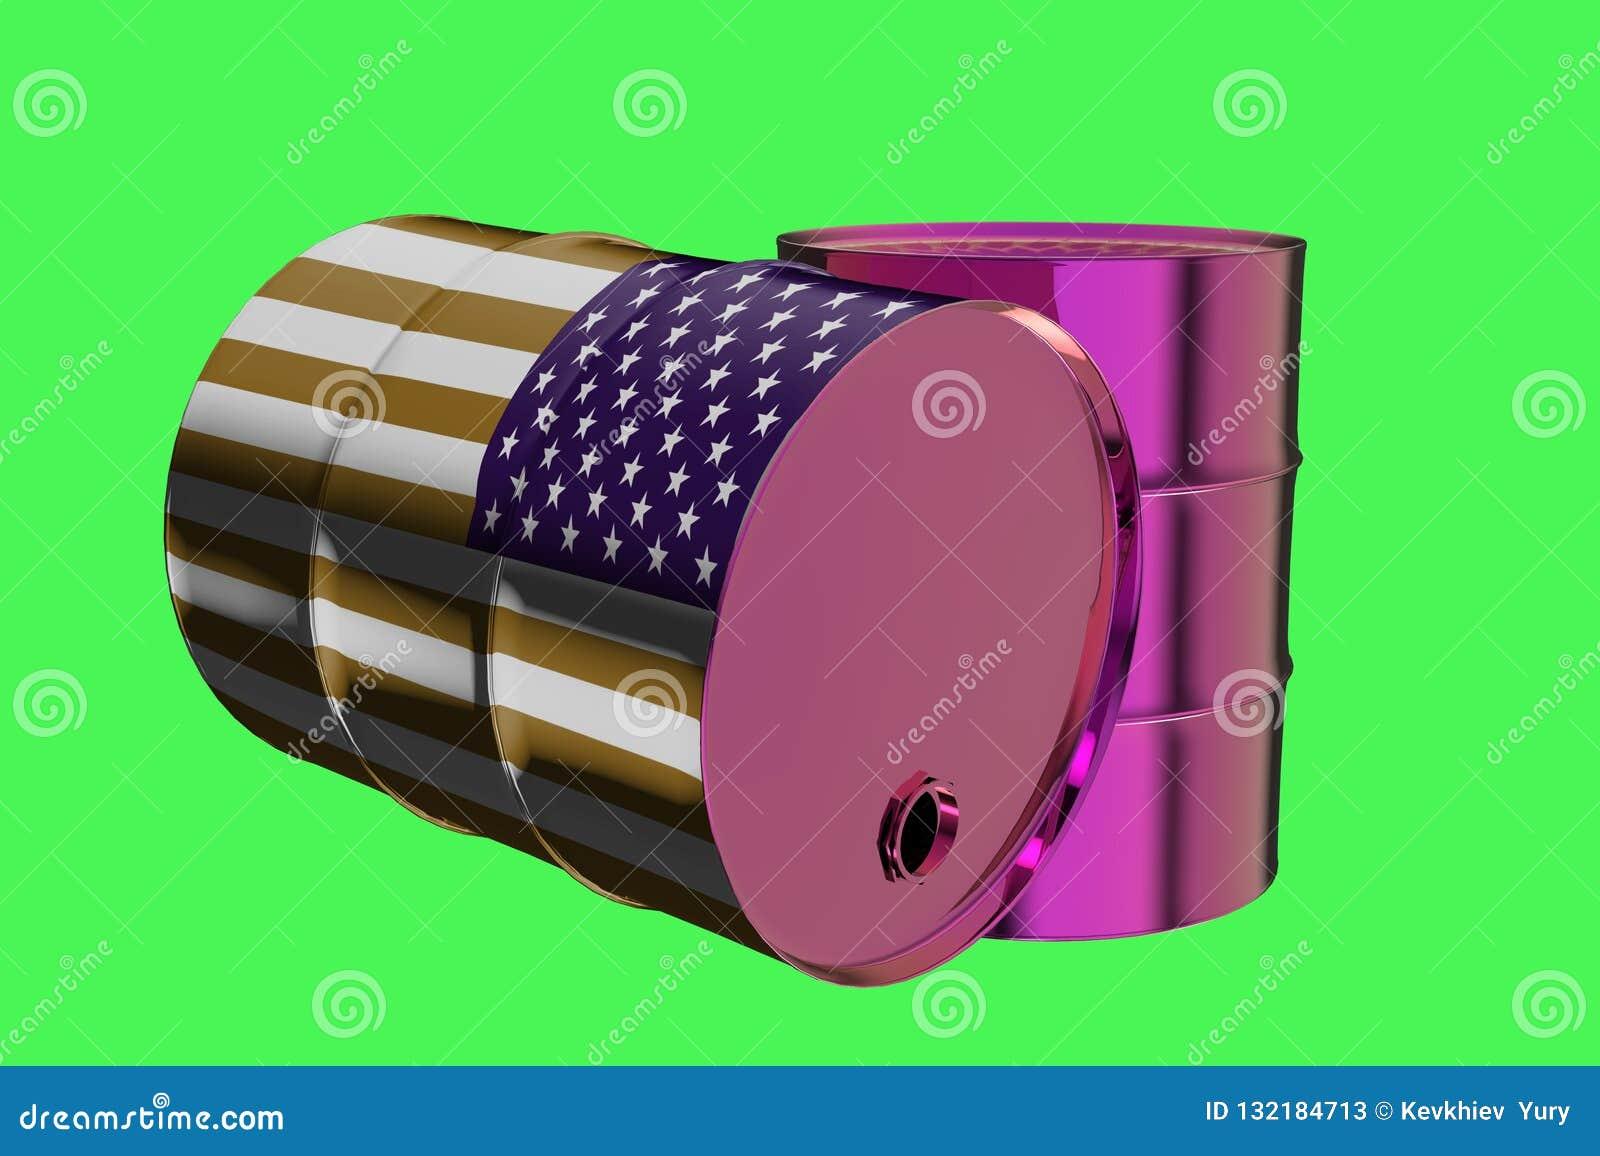 Dos barriles de aceite industriales del metal con la representación de la bandera 3D de los E.E.U.U.